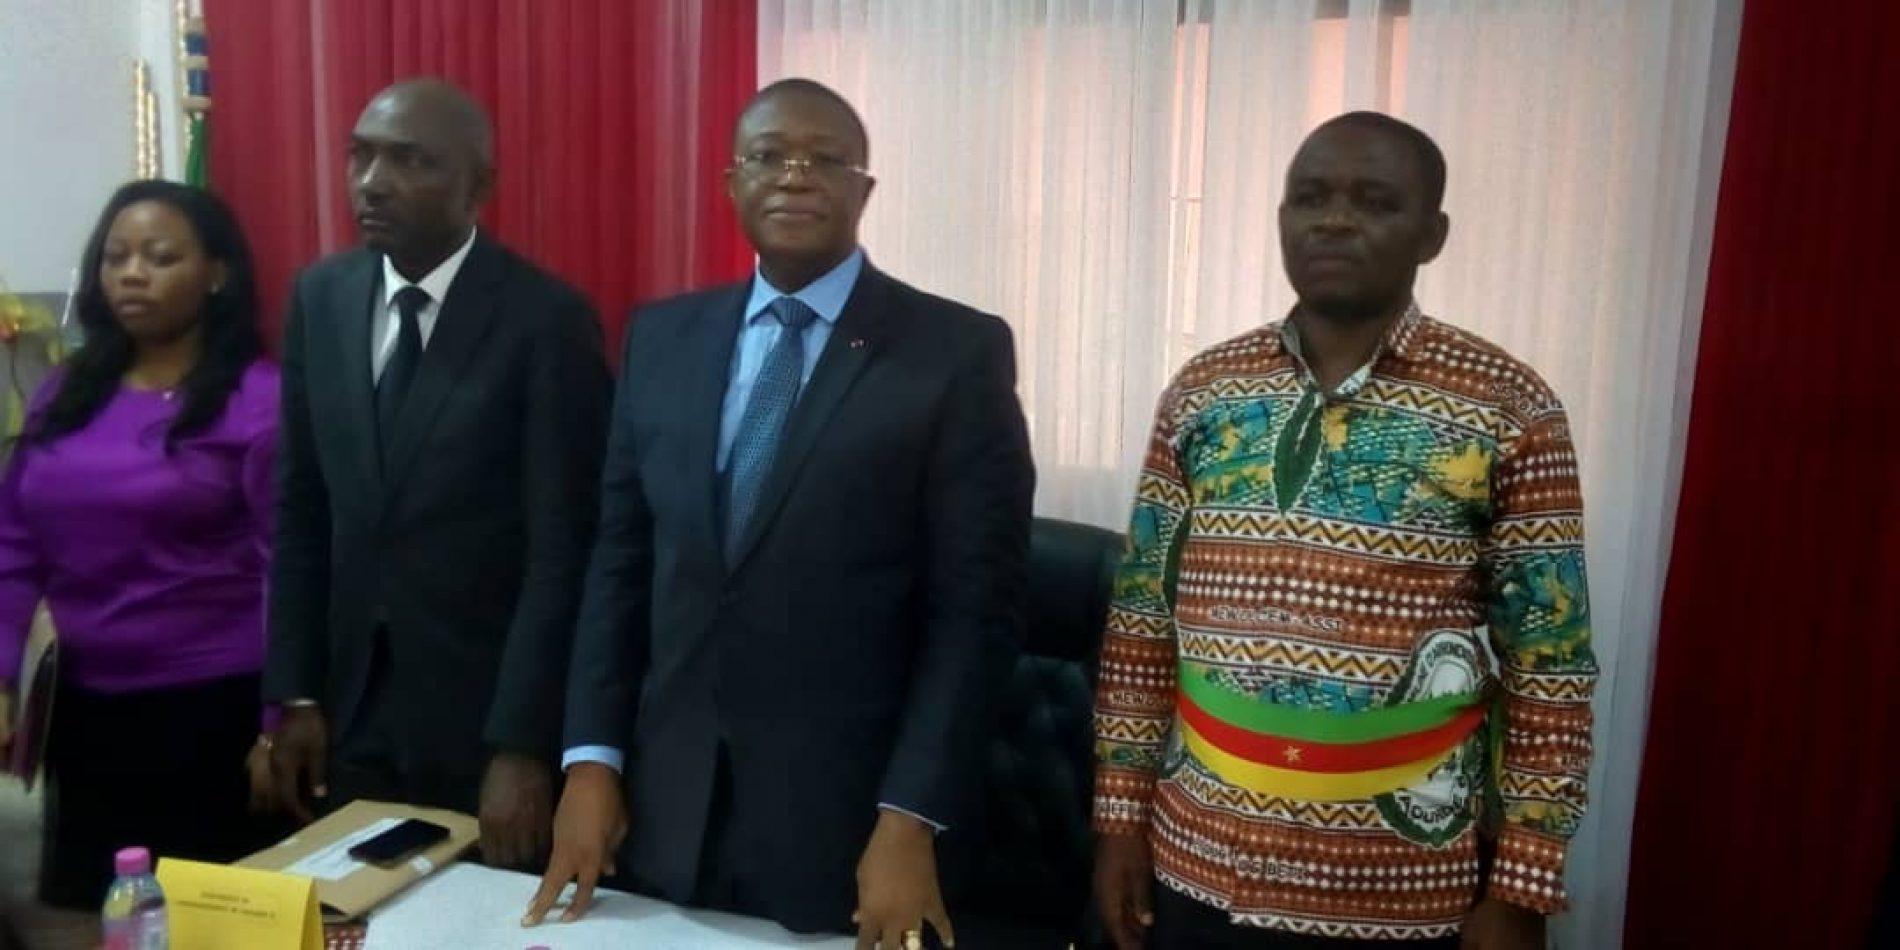 Commune de Yaoundé 6 : Les comptes administratifs 2015 et 2018 adoptés